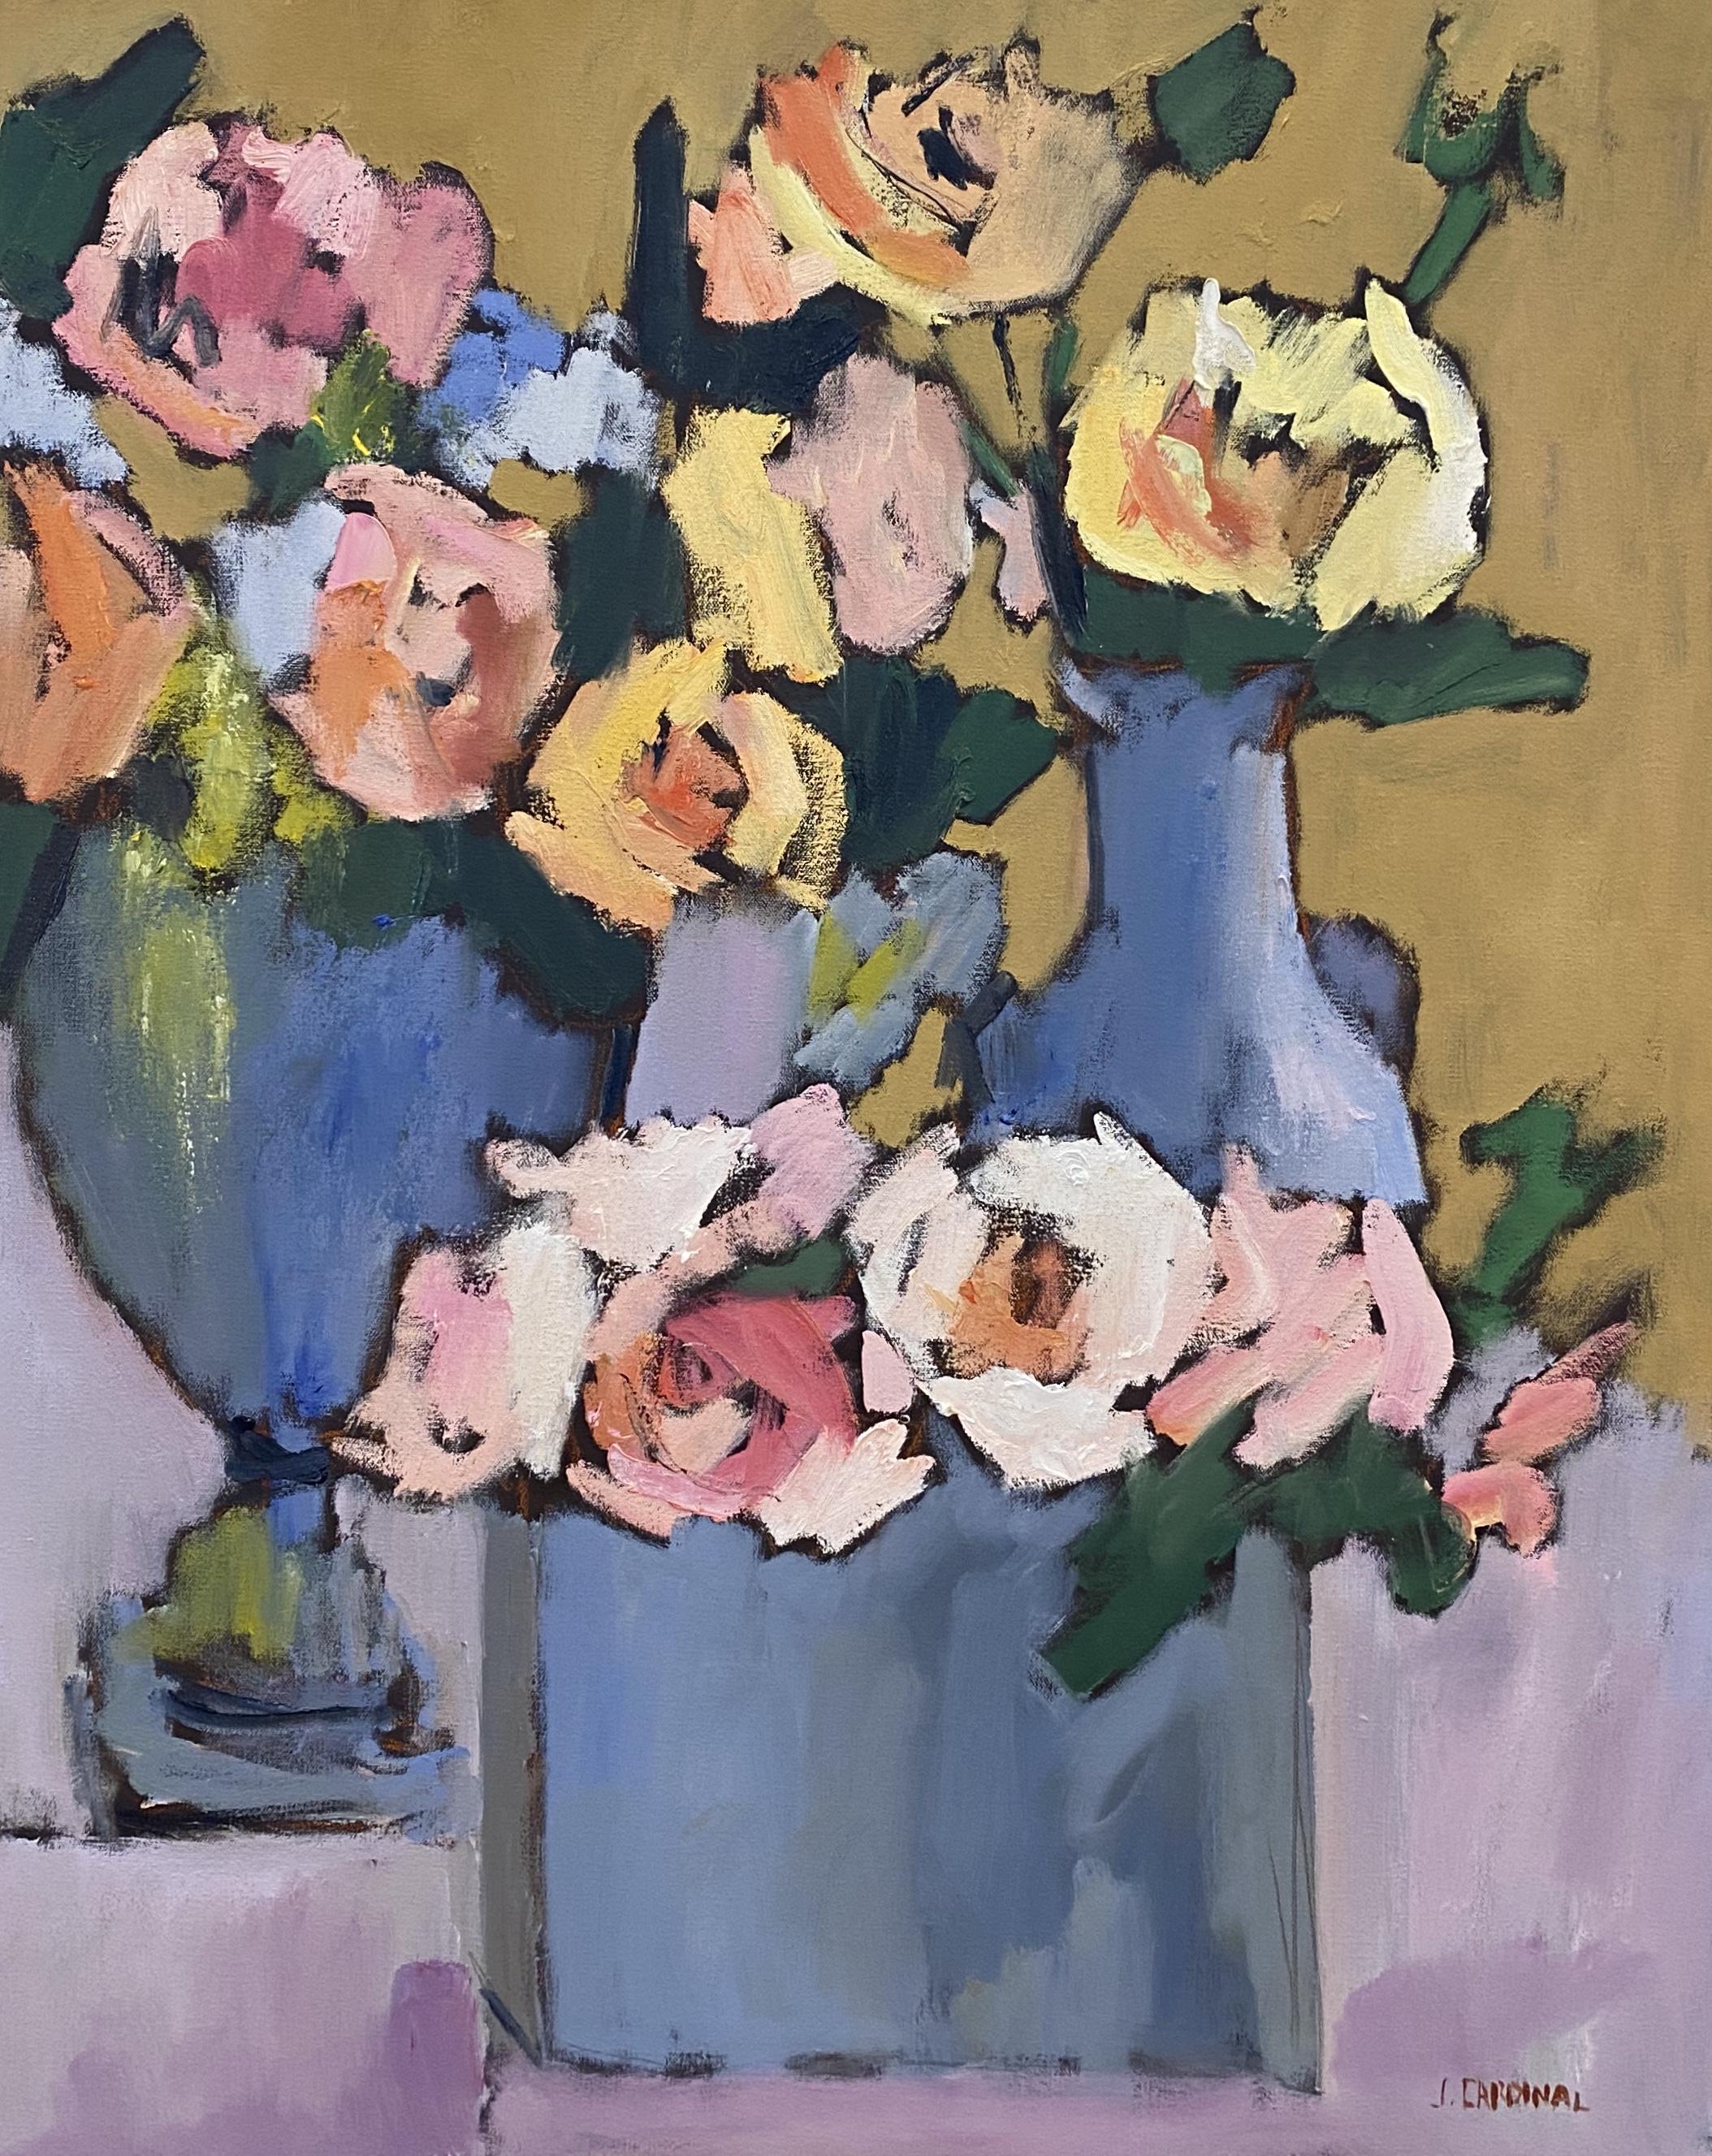 Three Vases, 30x24, o/c